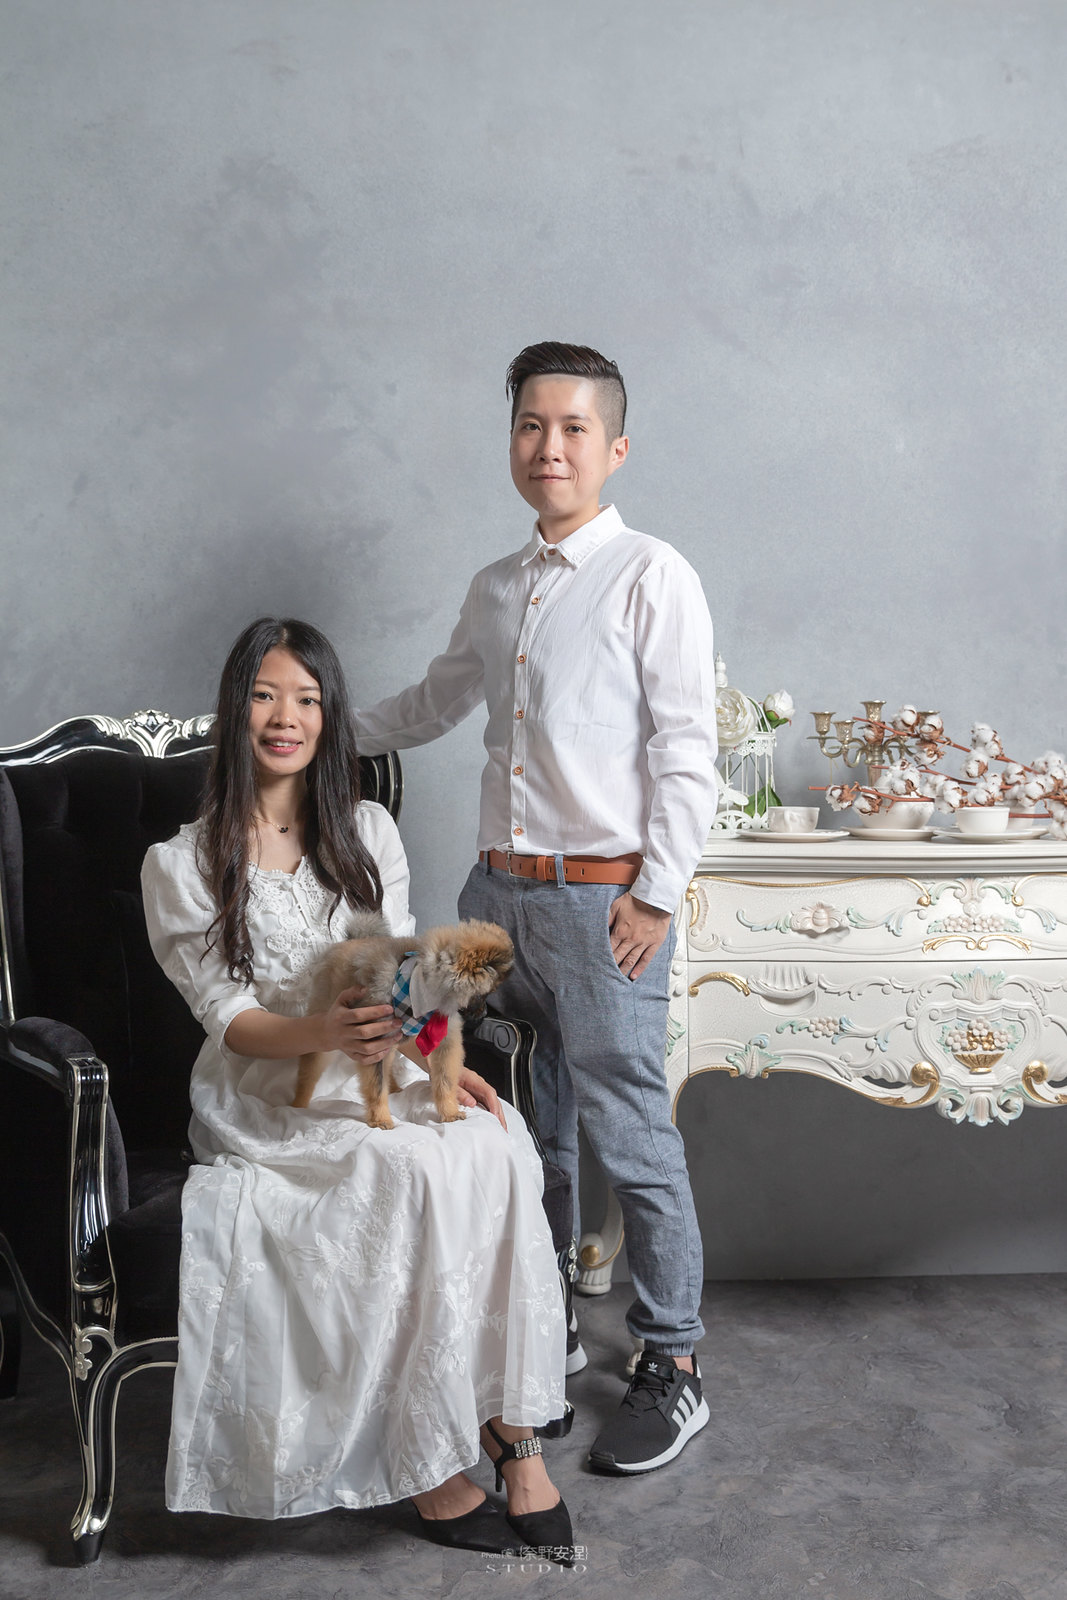 台南全家福 | 拋棄傳統合照的彆扭,忠實呈現家人間最親密的情感15